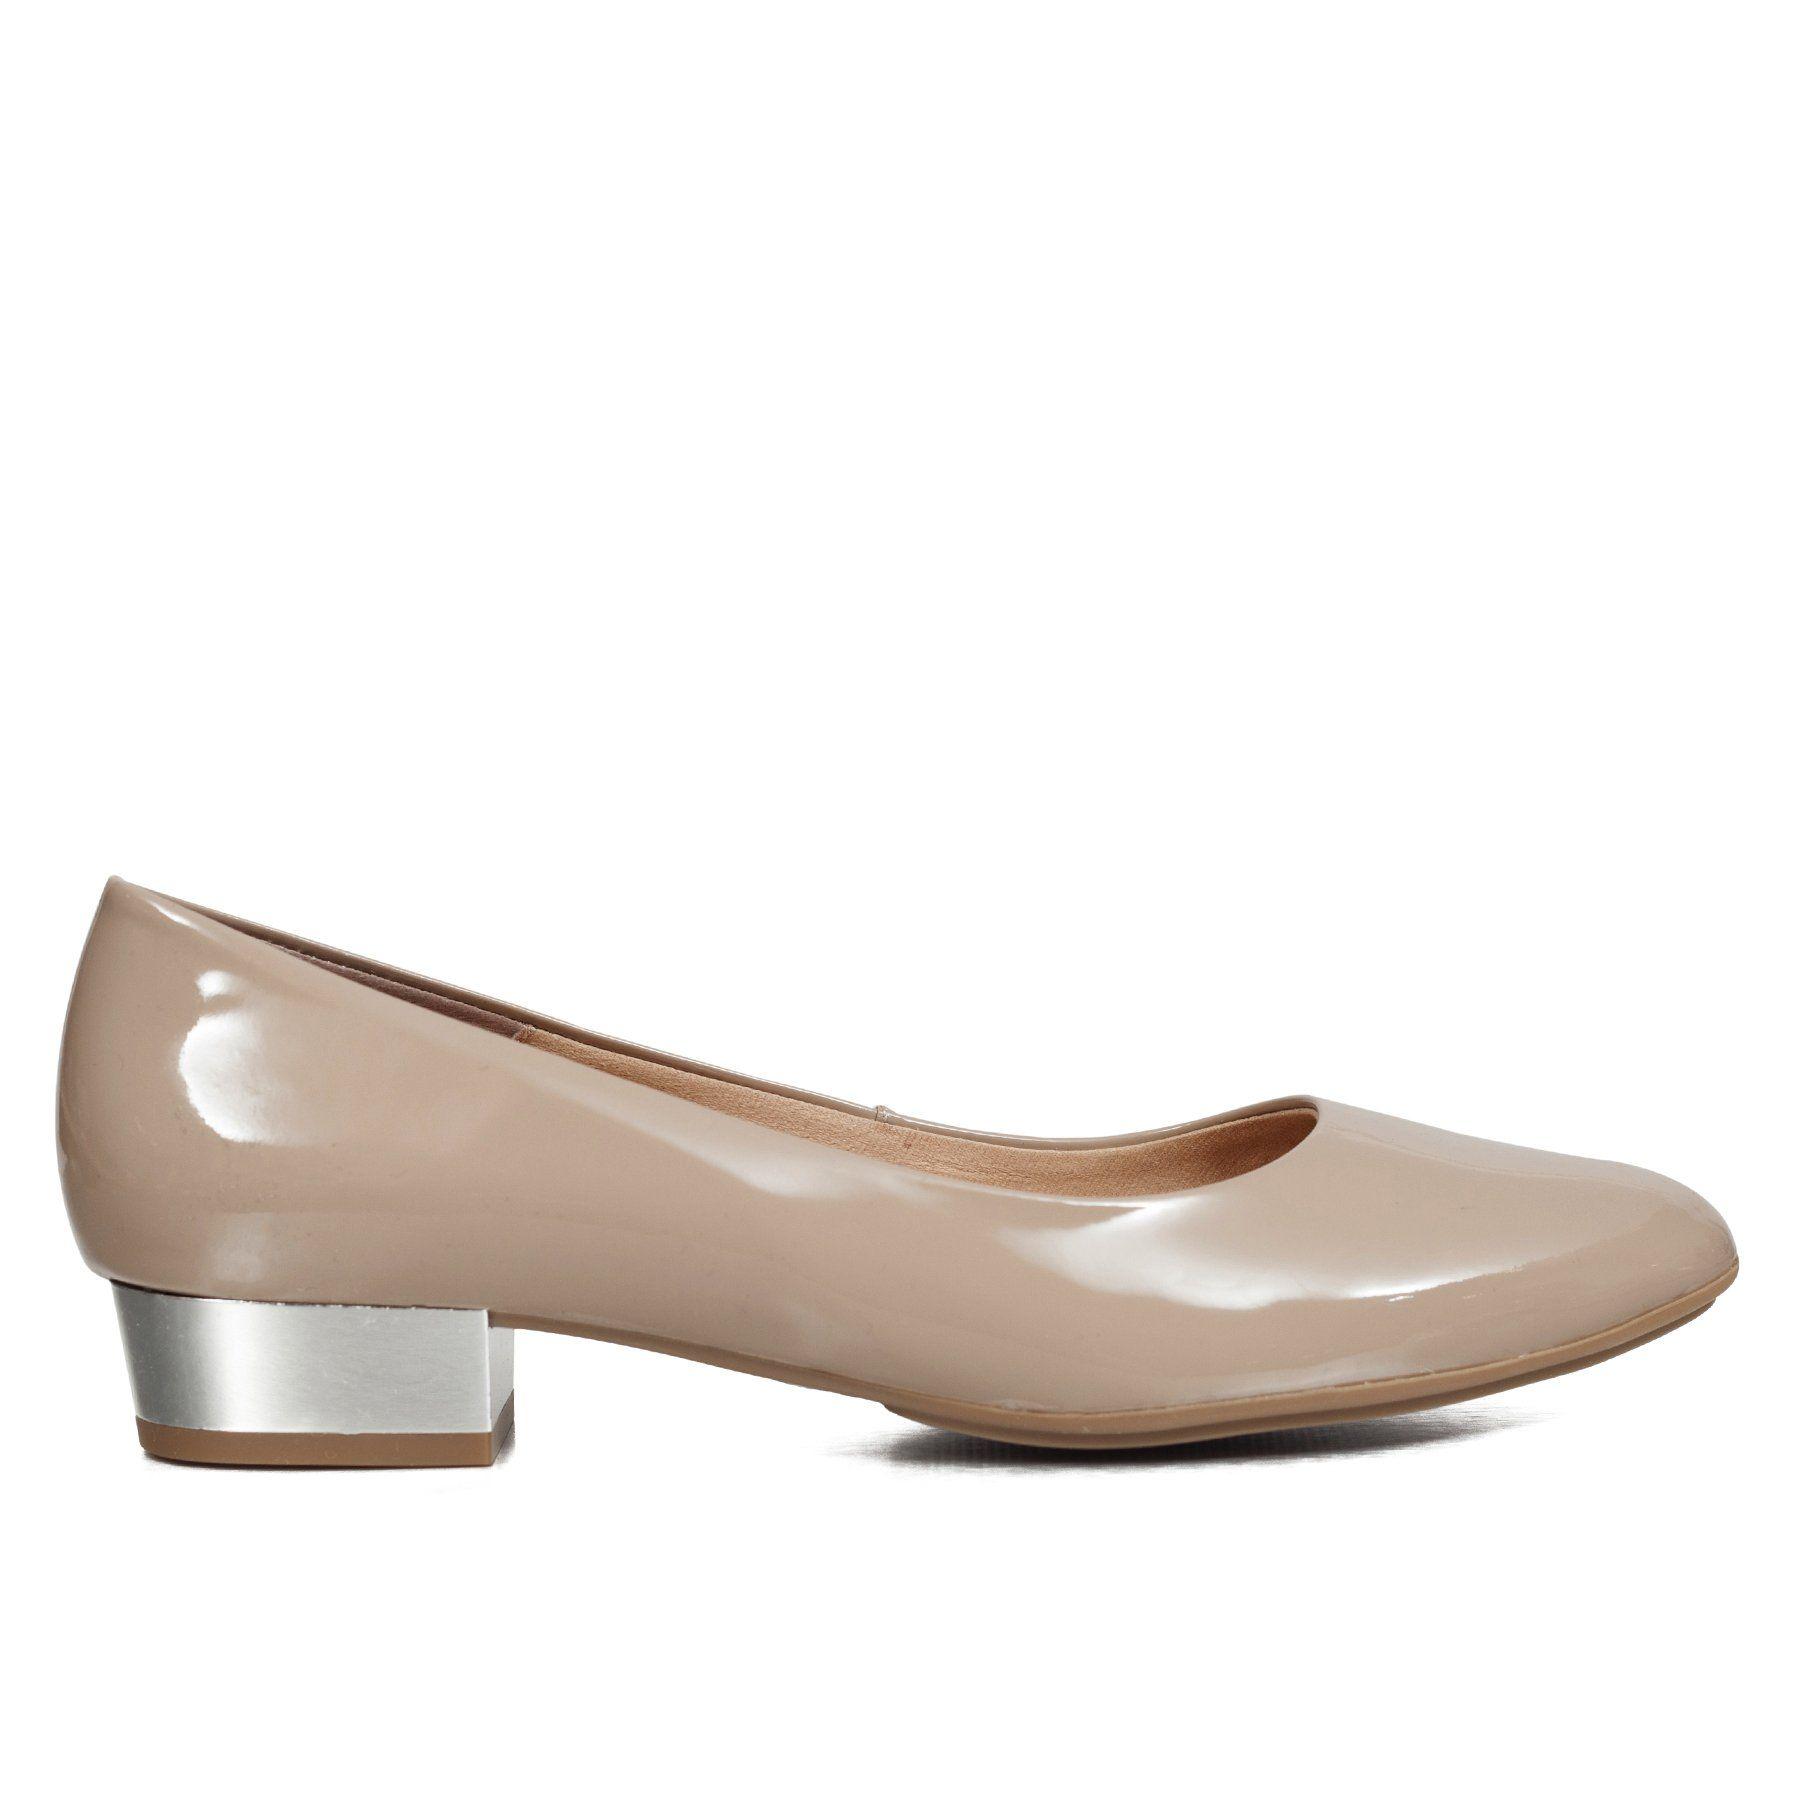 f82b2898 Zapato tacón bajo charol mujer ROSA NUDE – miMaO Spain Tienda Online –  miMaO ShopOnline